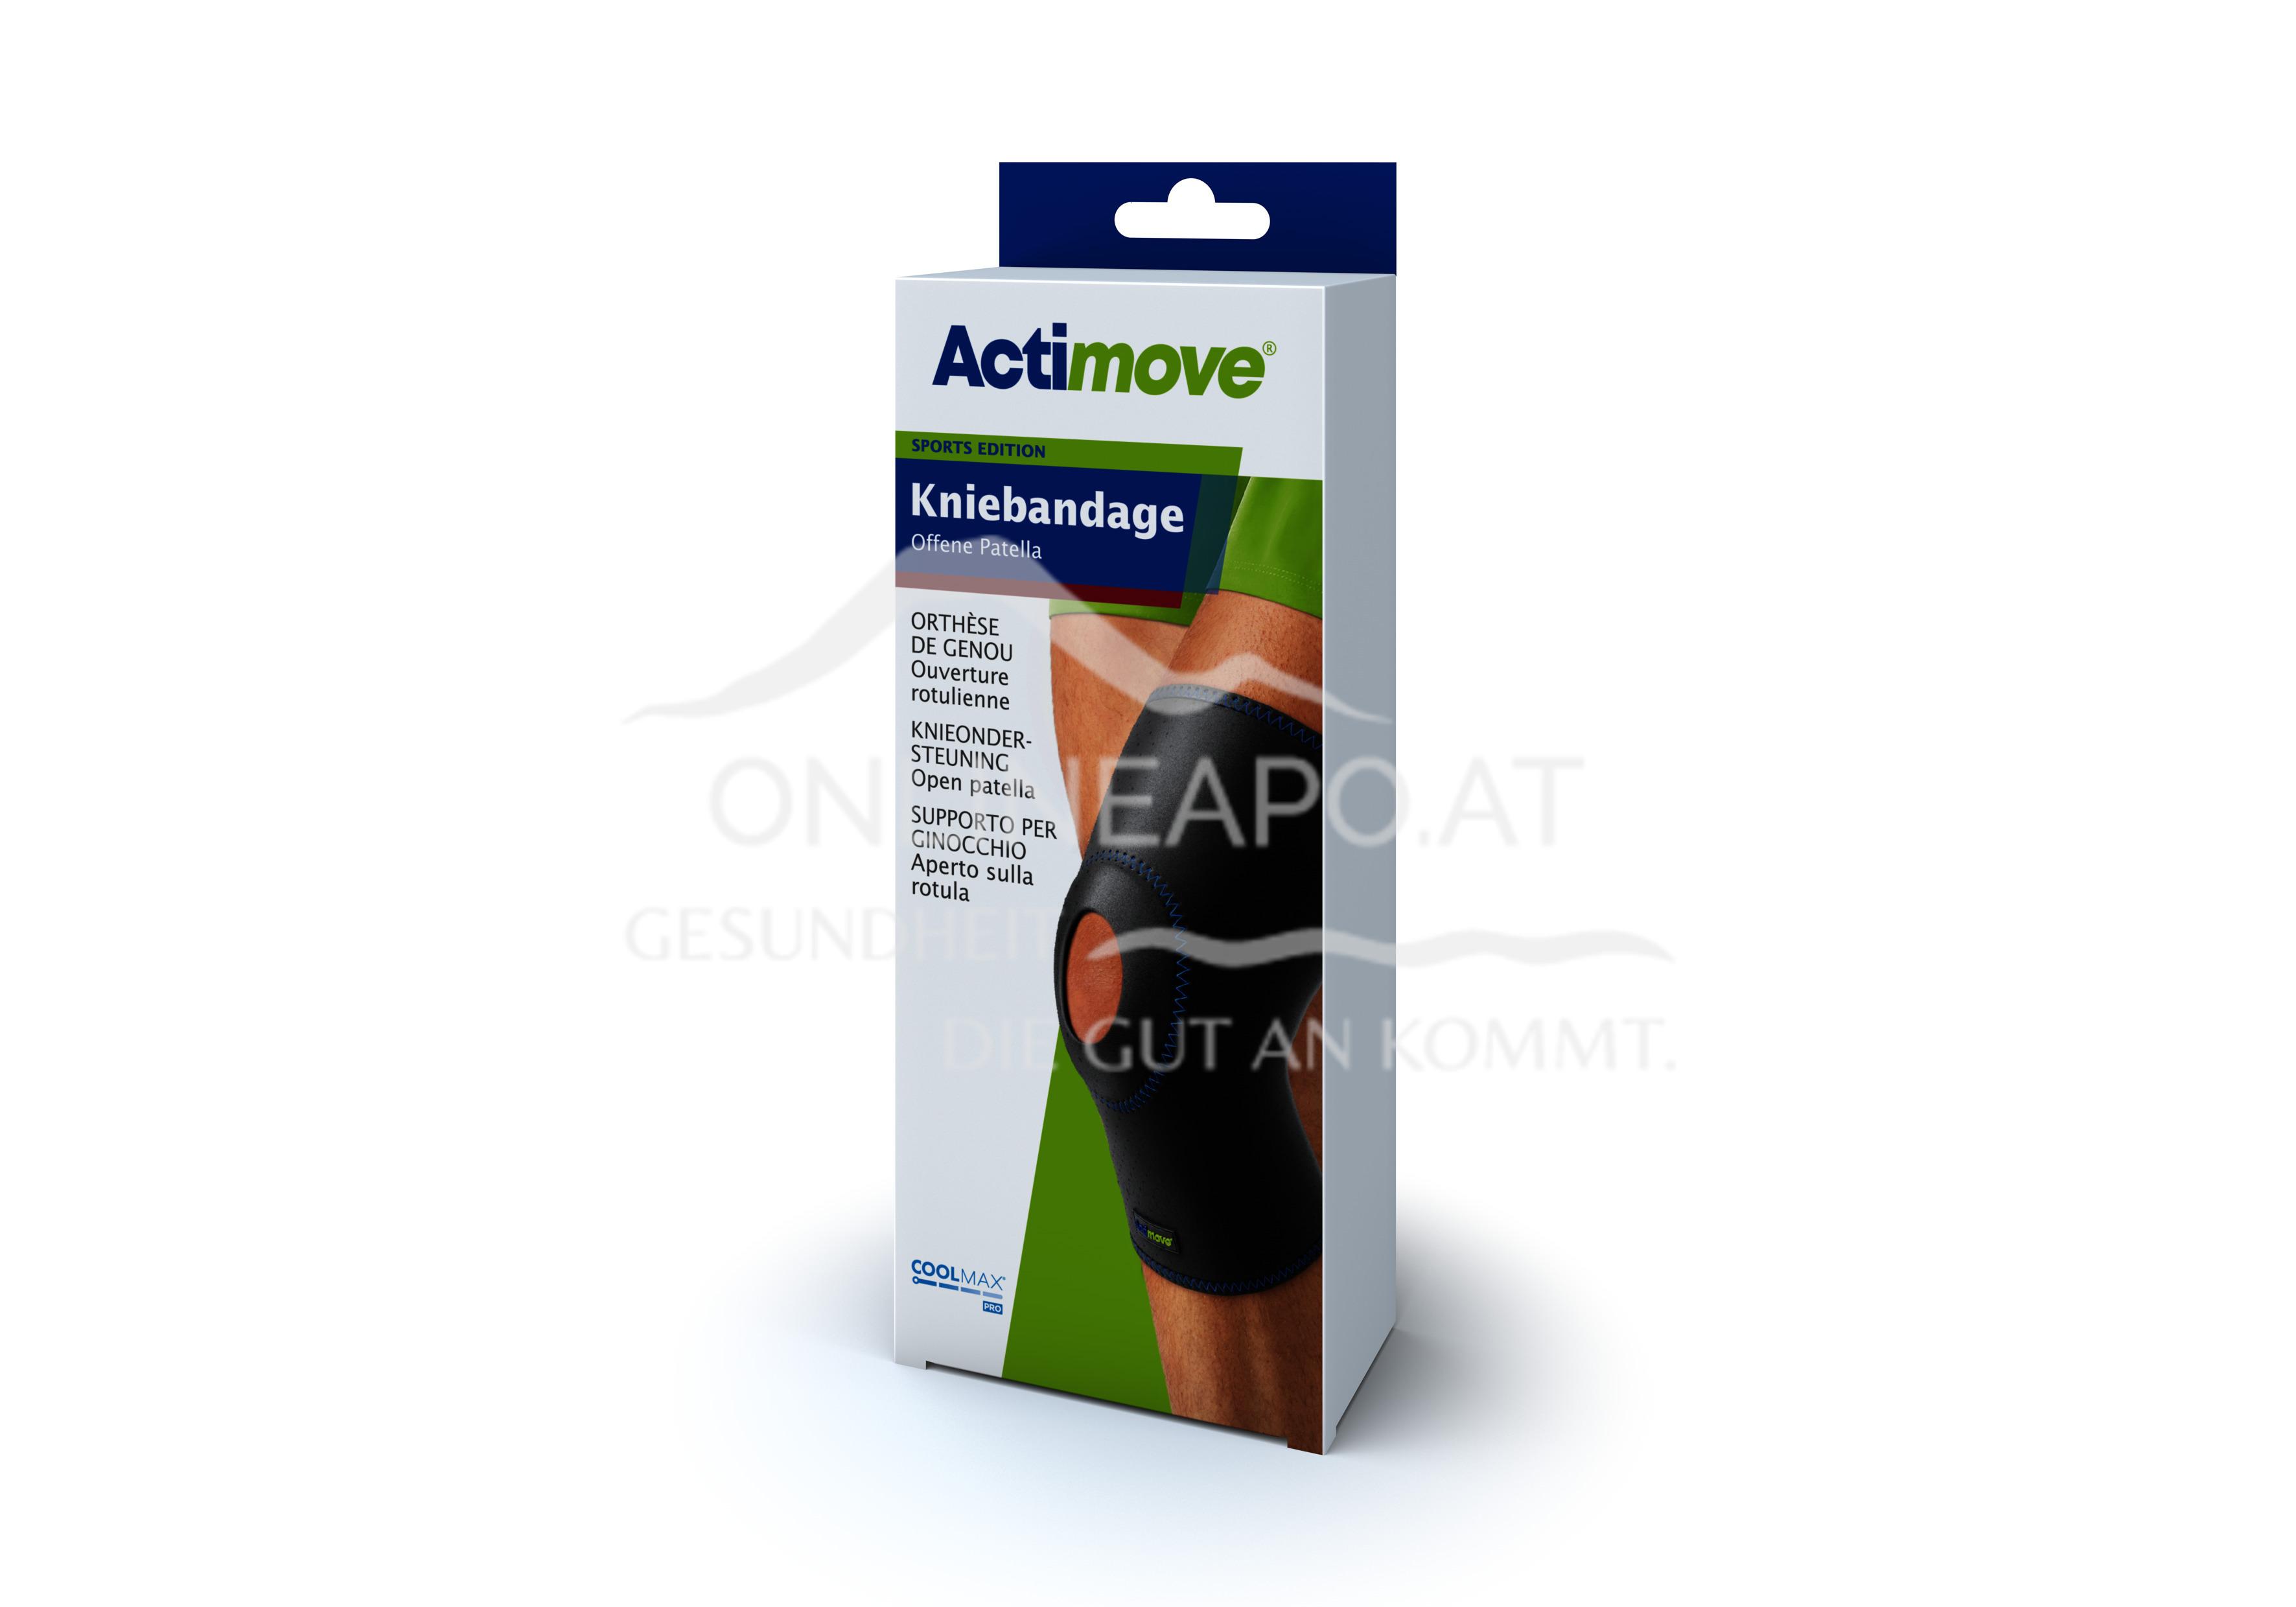 Actimove® Sport Edition Kniebandage Offene Patella Größe XL